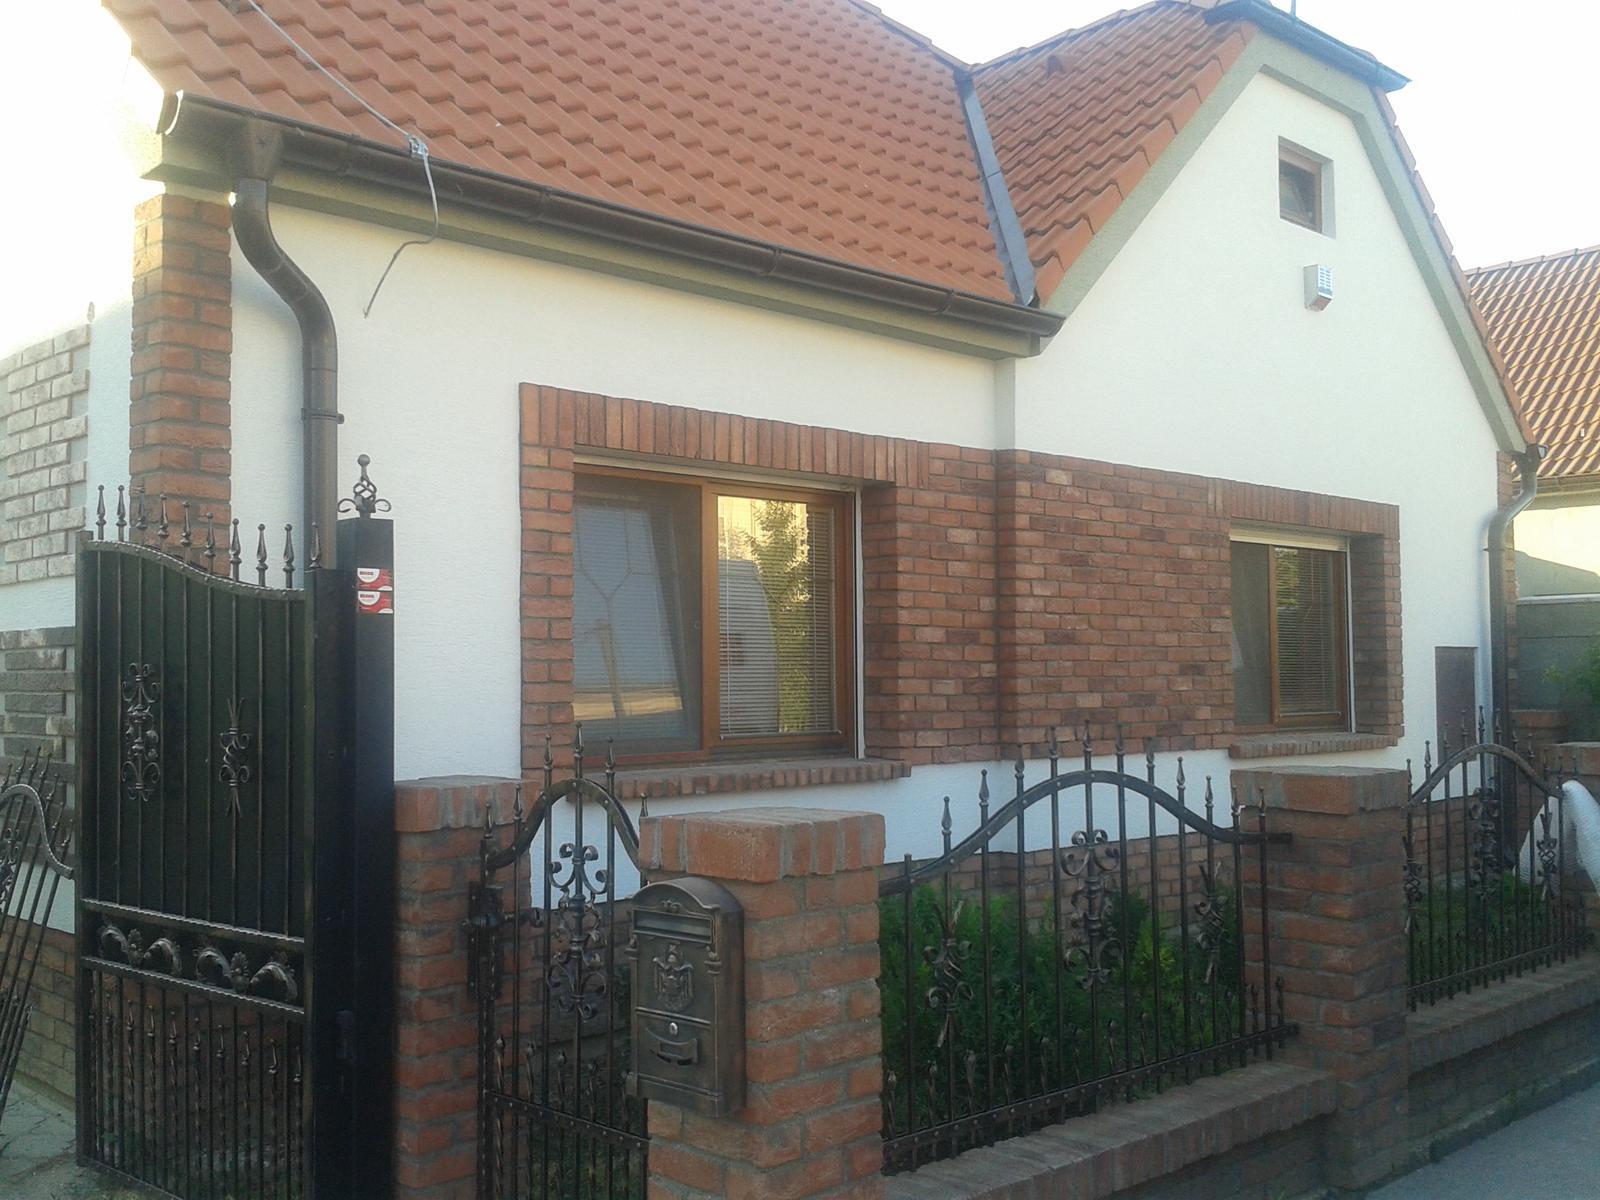 Náš starý domček - zvolili sme k tehličkám bielu a veľmi sa mi to páči, tehličky tak krásne vyniknú